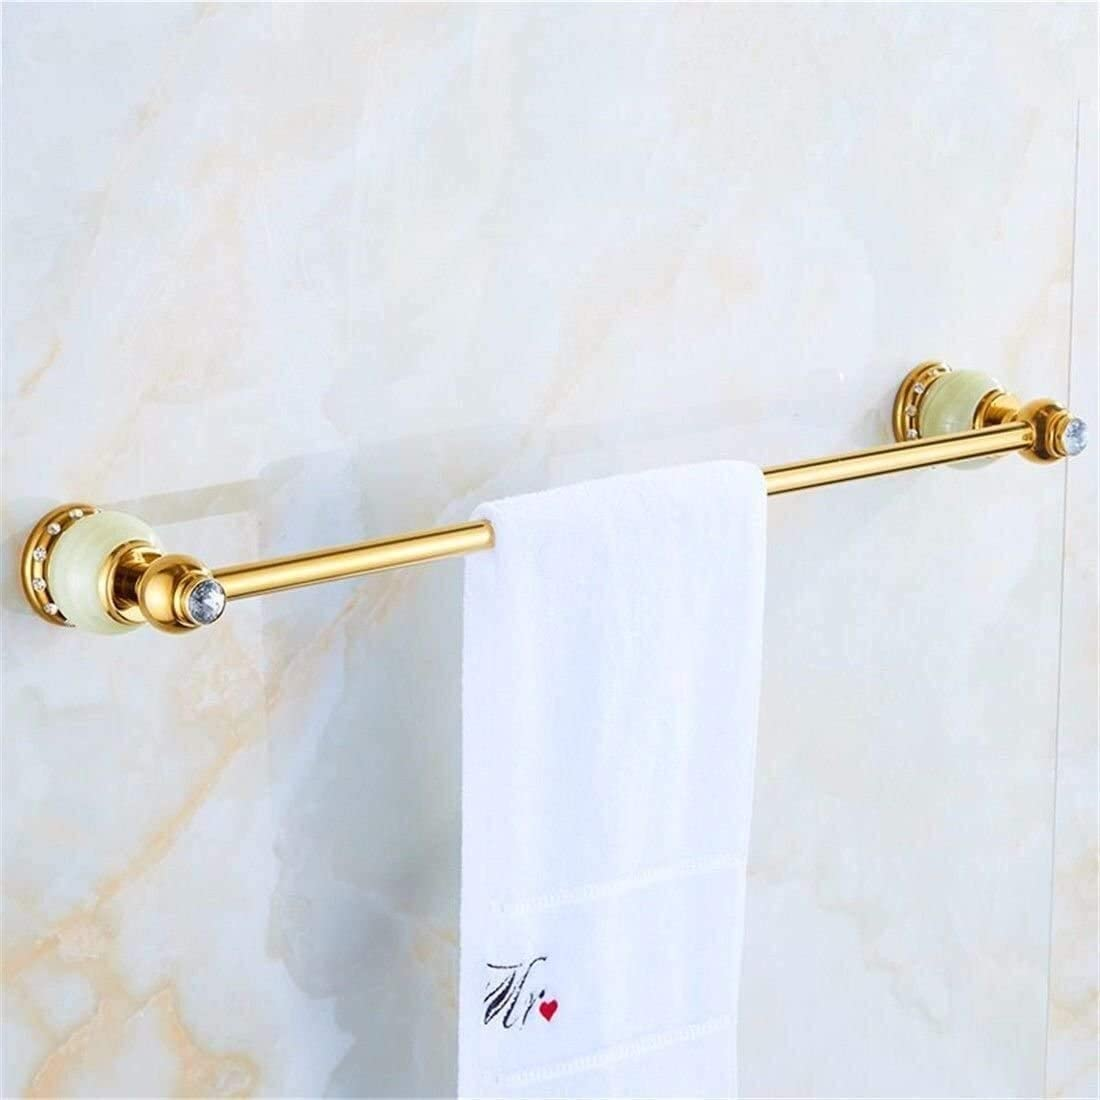 Anillo de toalla Portarrollos de toalla del doble del estante Latón Jade Diamond Decoración del tejido cesta montado en la pared de baño Jabón de accesorios Holder Toallero